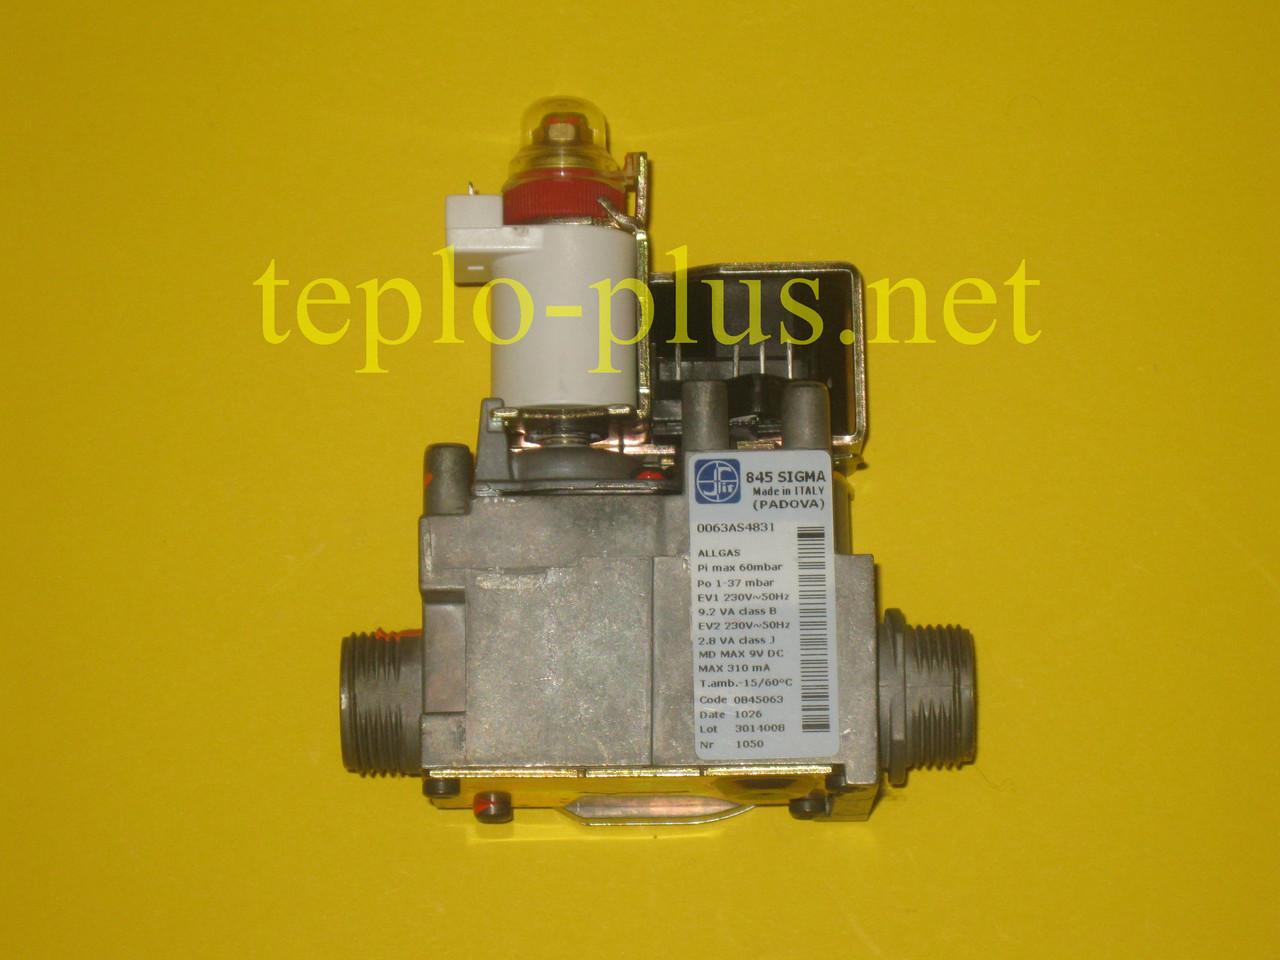 Газовый клапан 845 SIGMA 0.845.063 Baxi, Westen, Roca Neobit, Hermann, Immergas